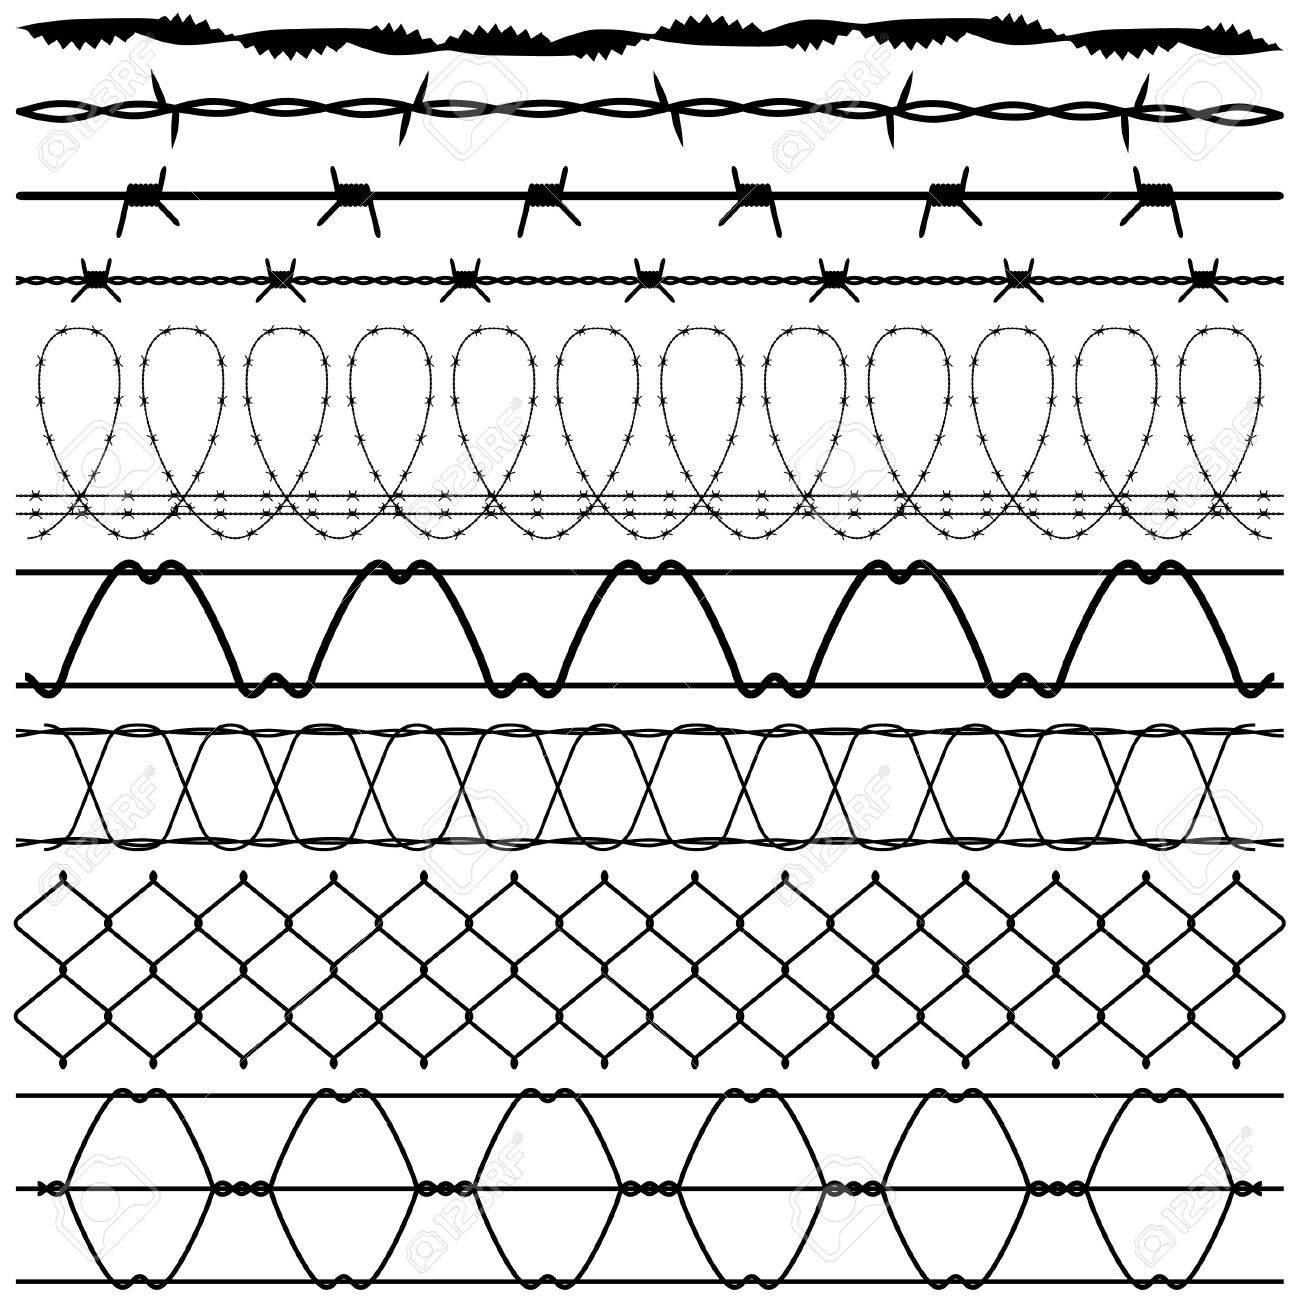 Barbwire De Alambre De Pas De Valla Ilustraciones Vectoriales Clip